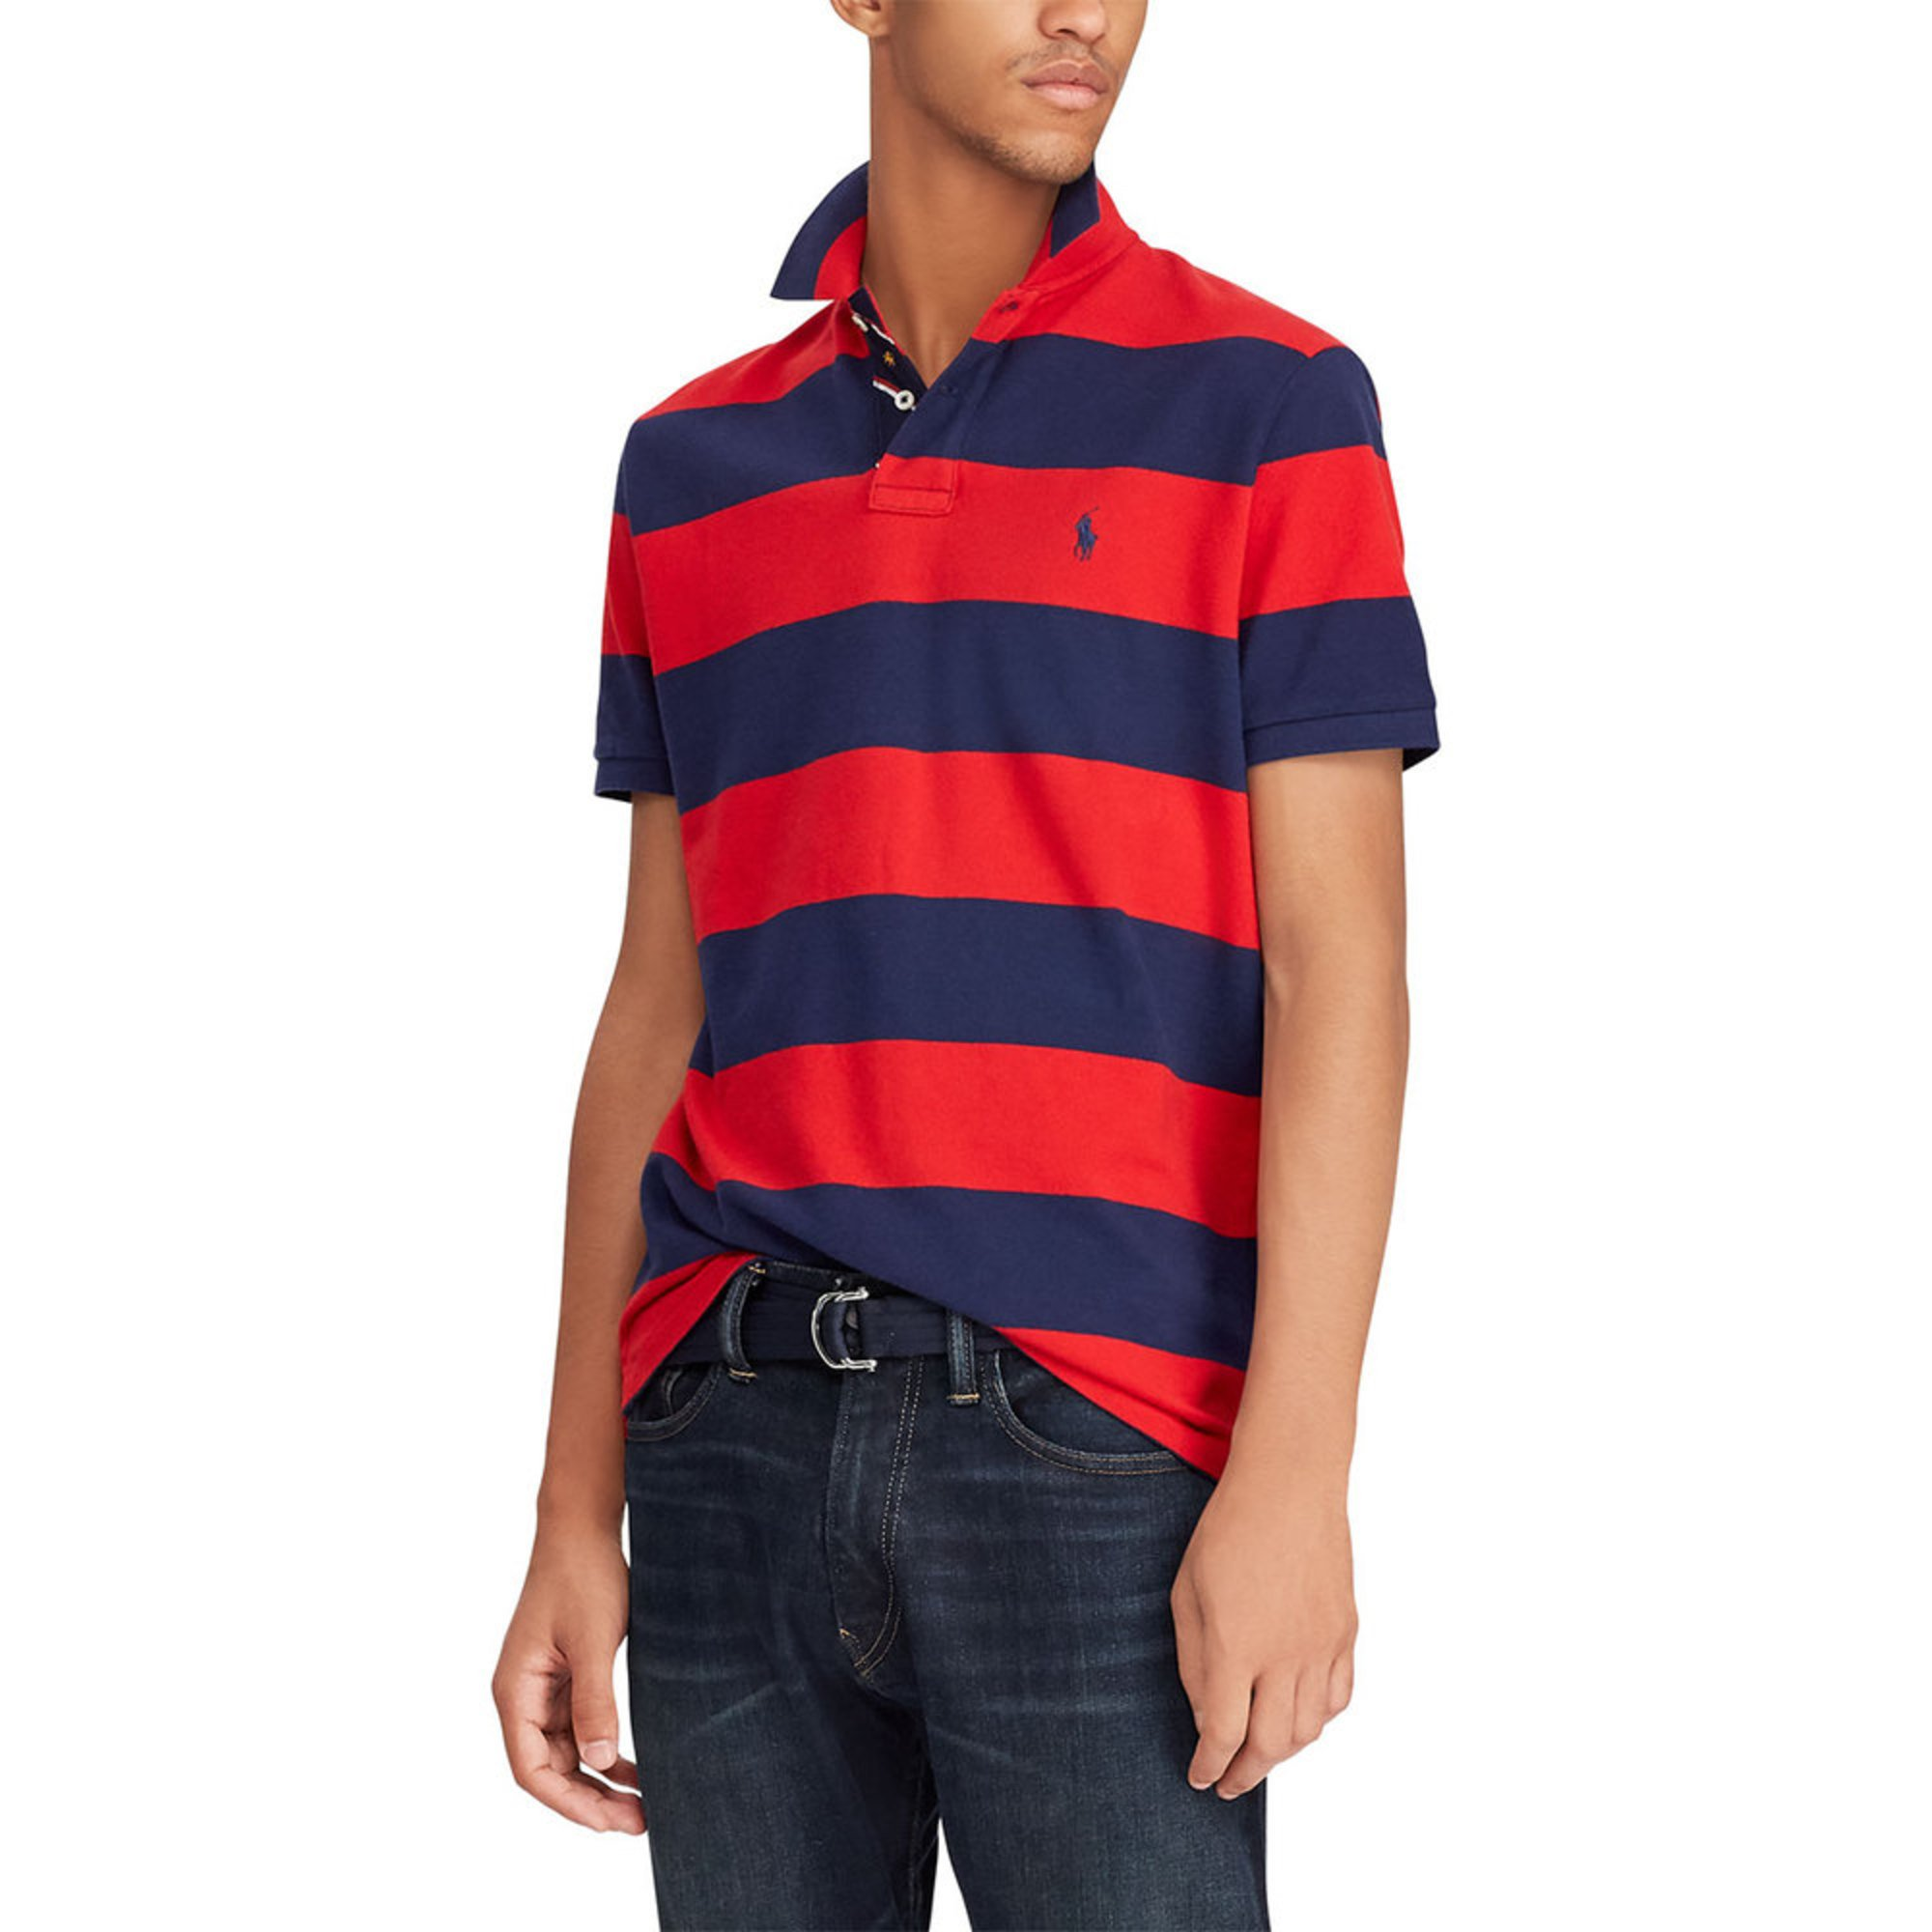 a1287d46 Polo Ralph Lauren Men's Short Sleeve Mesh Polo   Casual & Dress ...